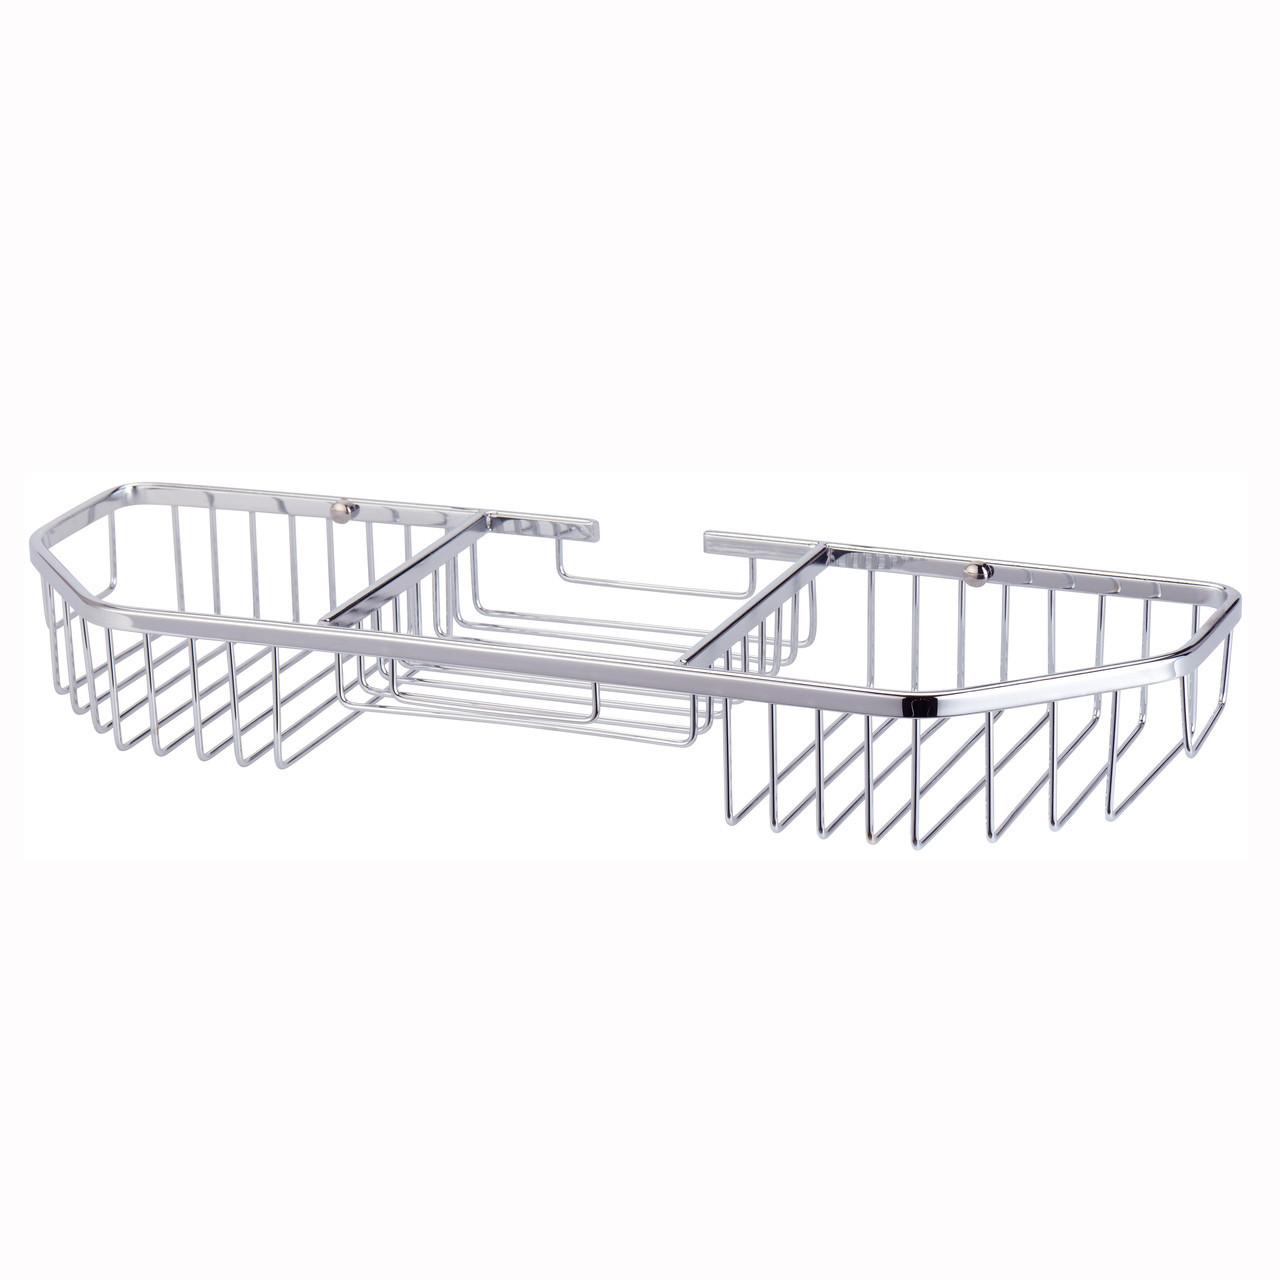 Корзинка для ванной Besser прямоугольная 40.5*13*5см с 3 секциями KM-8506